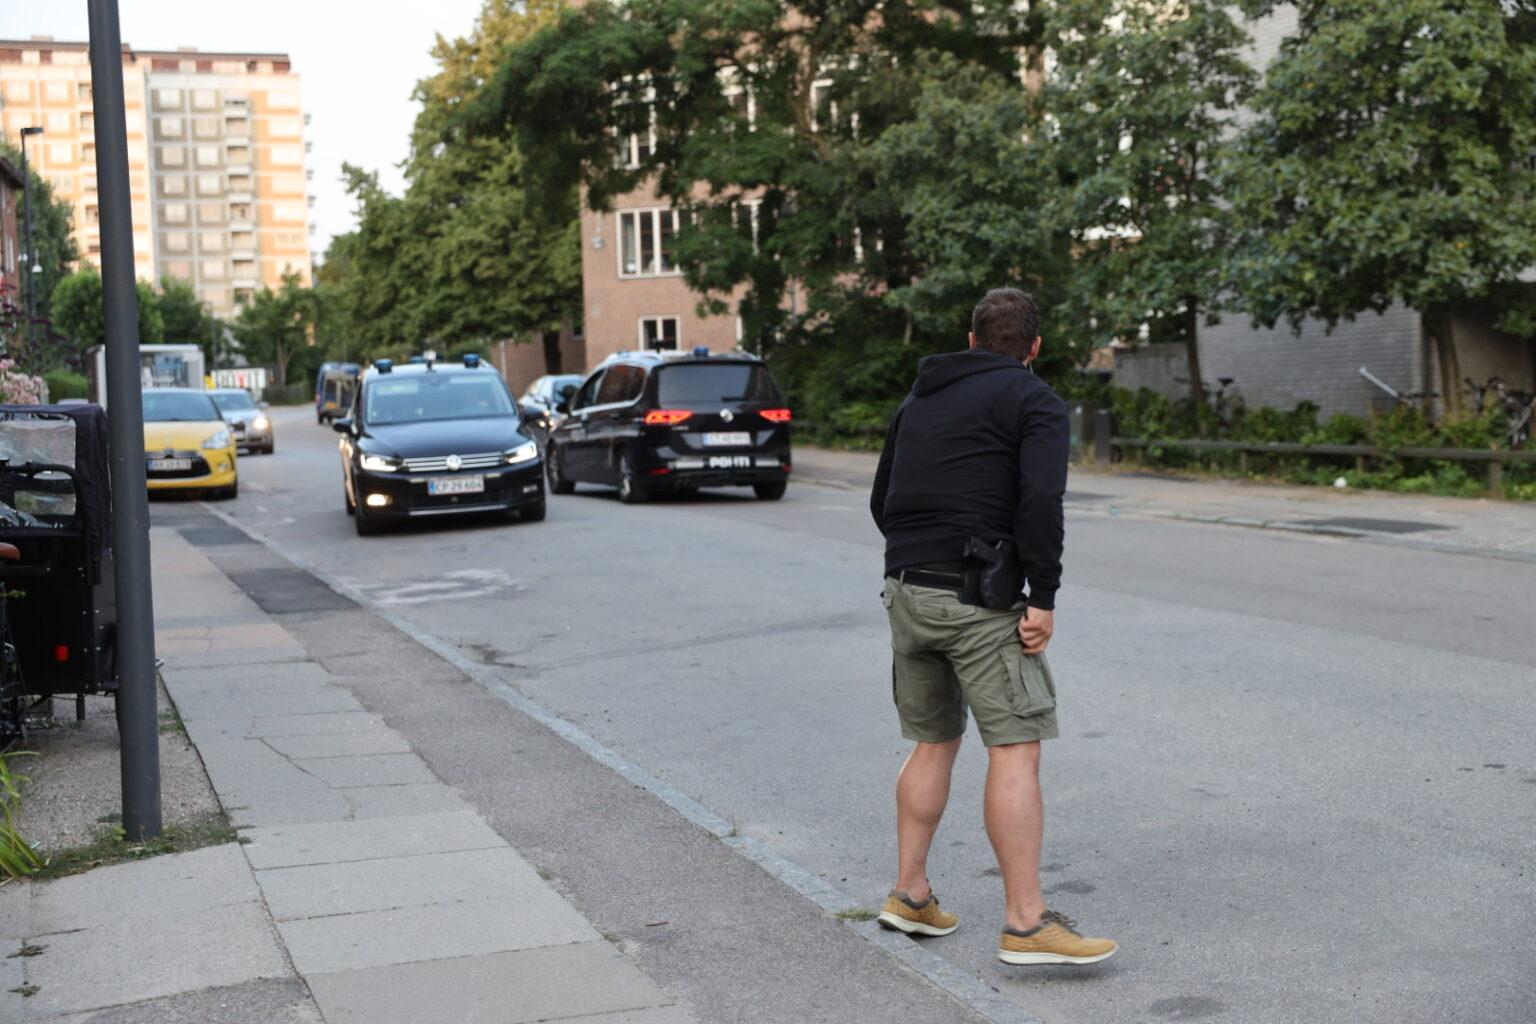 Knive fundet efter blodigt overfald - Brønshøj